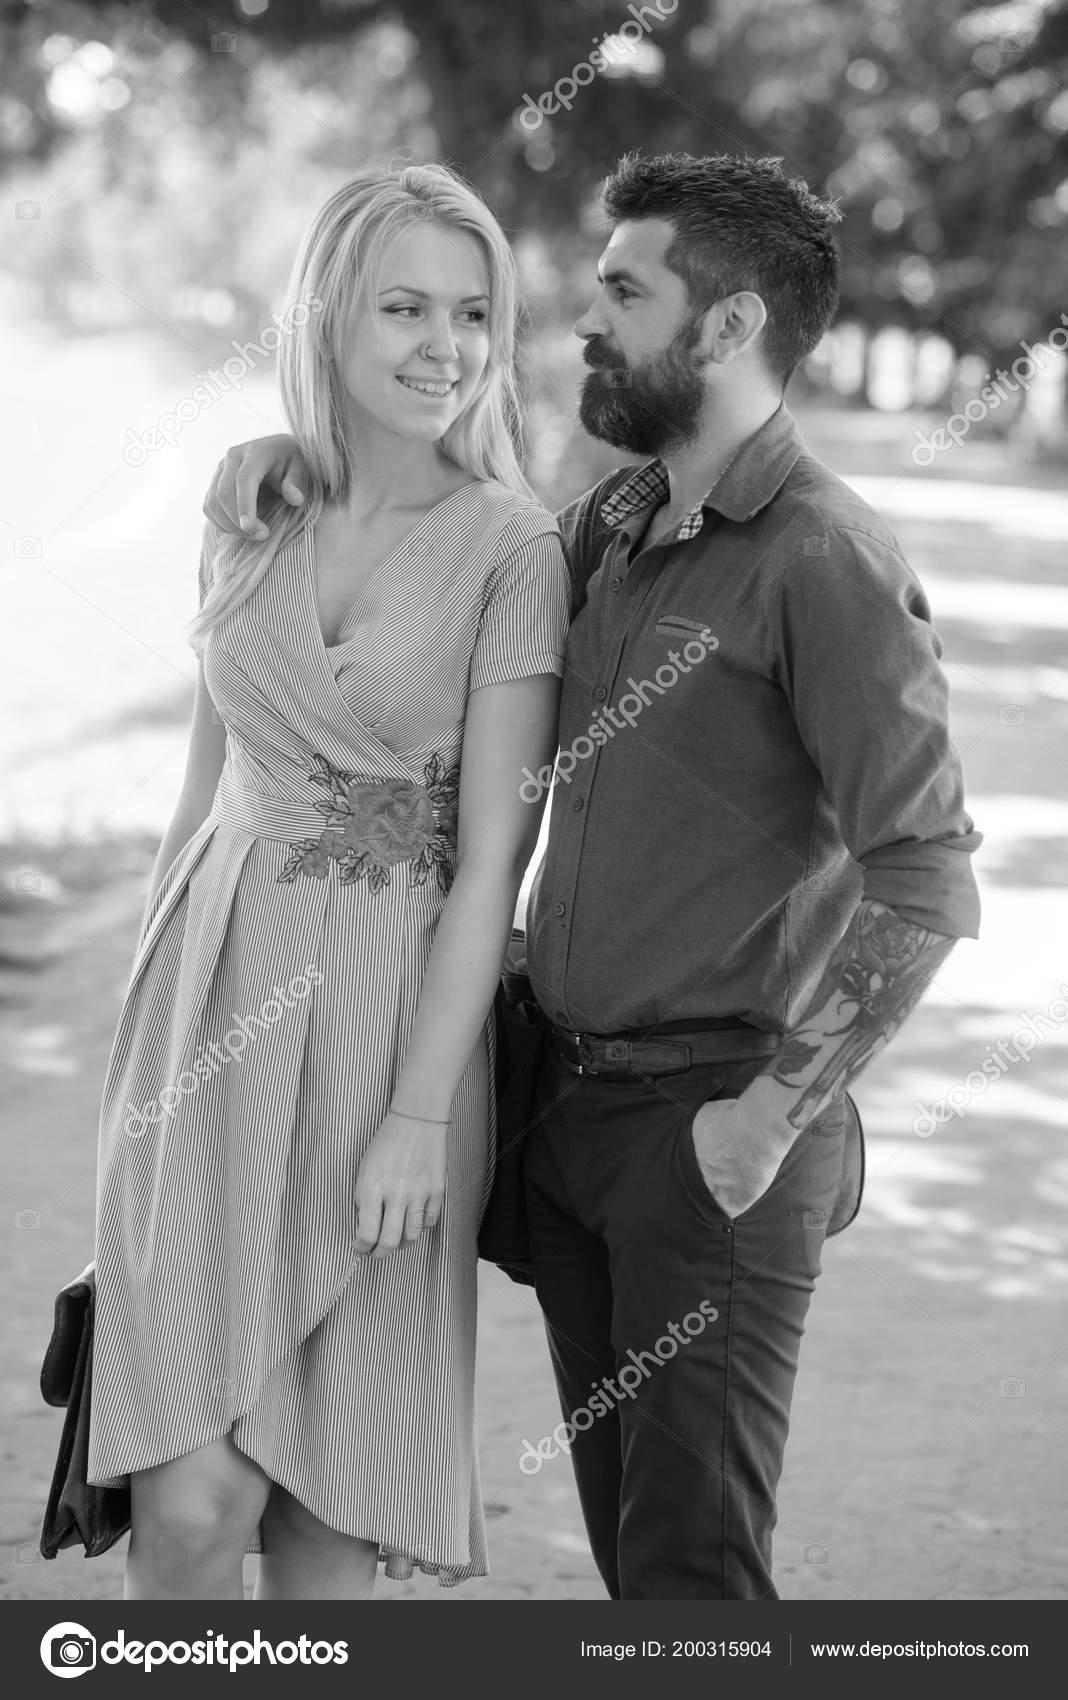 rencontrer un homme romantique